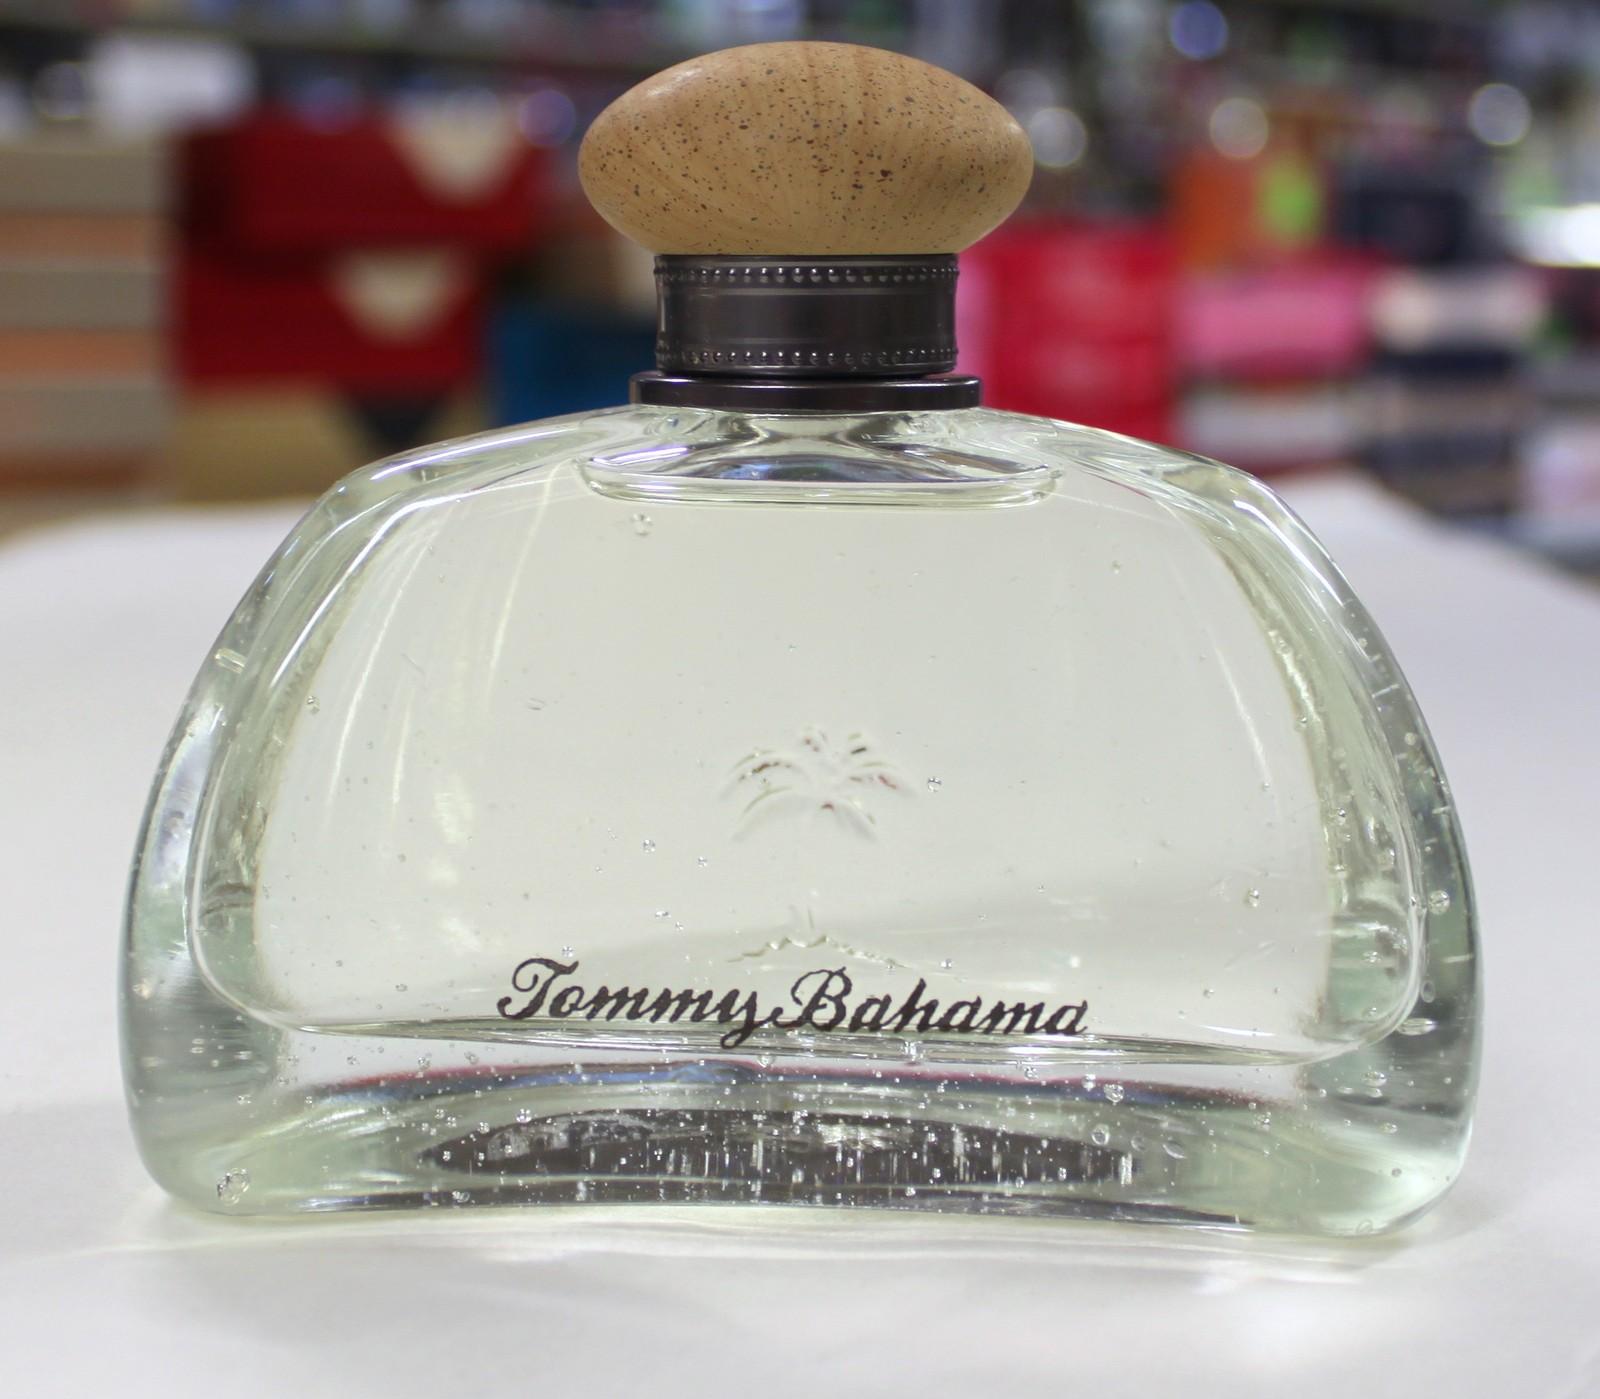 Tommy Bahama Very Cool for Men 3.4 fl.oz / 100 ml After Shave ( Splash ) Vintage